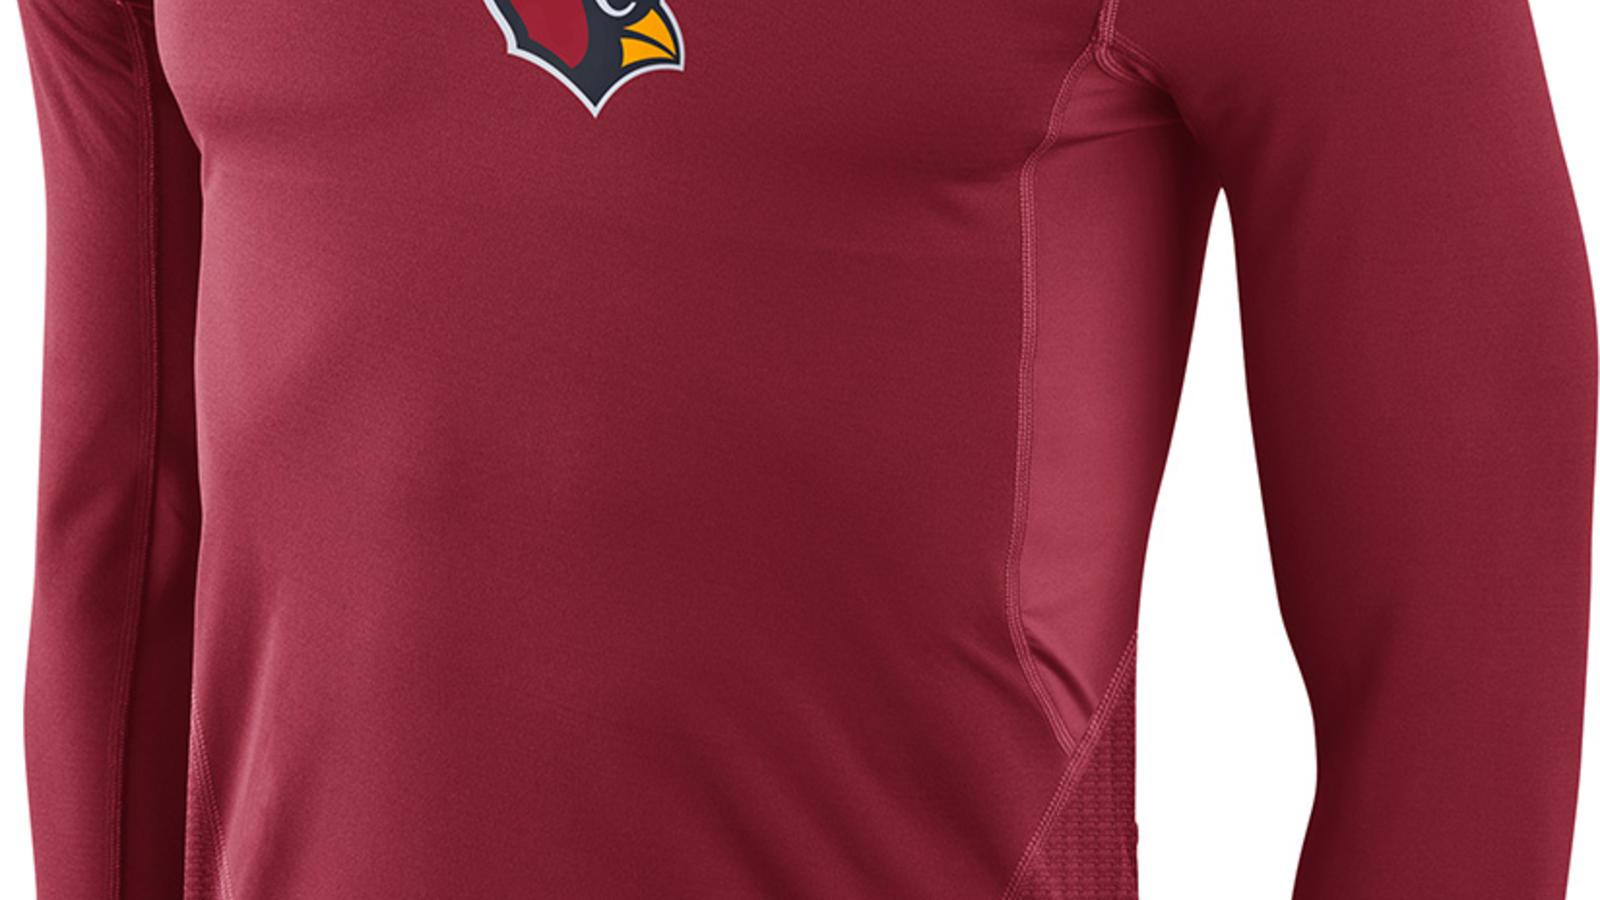 cardinals-pv